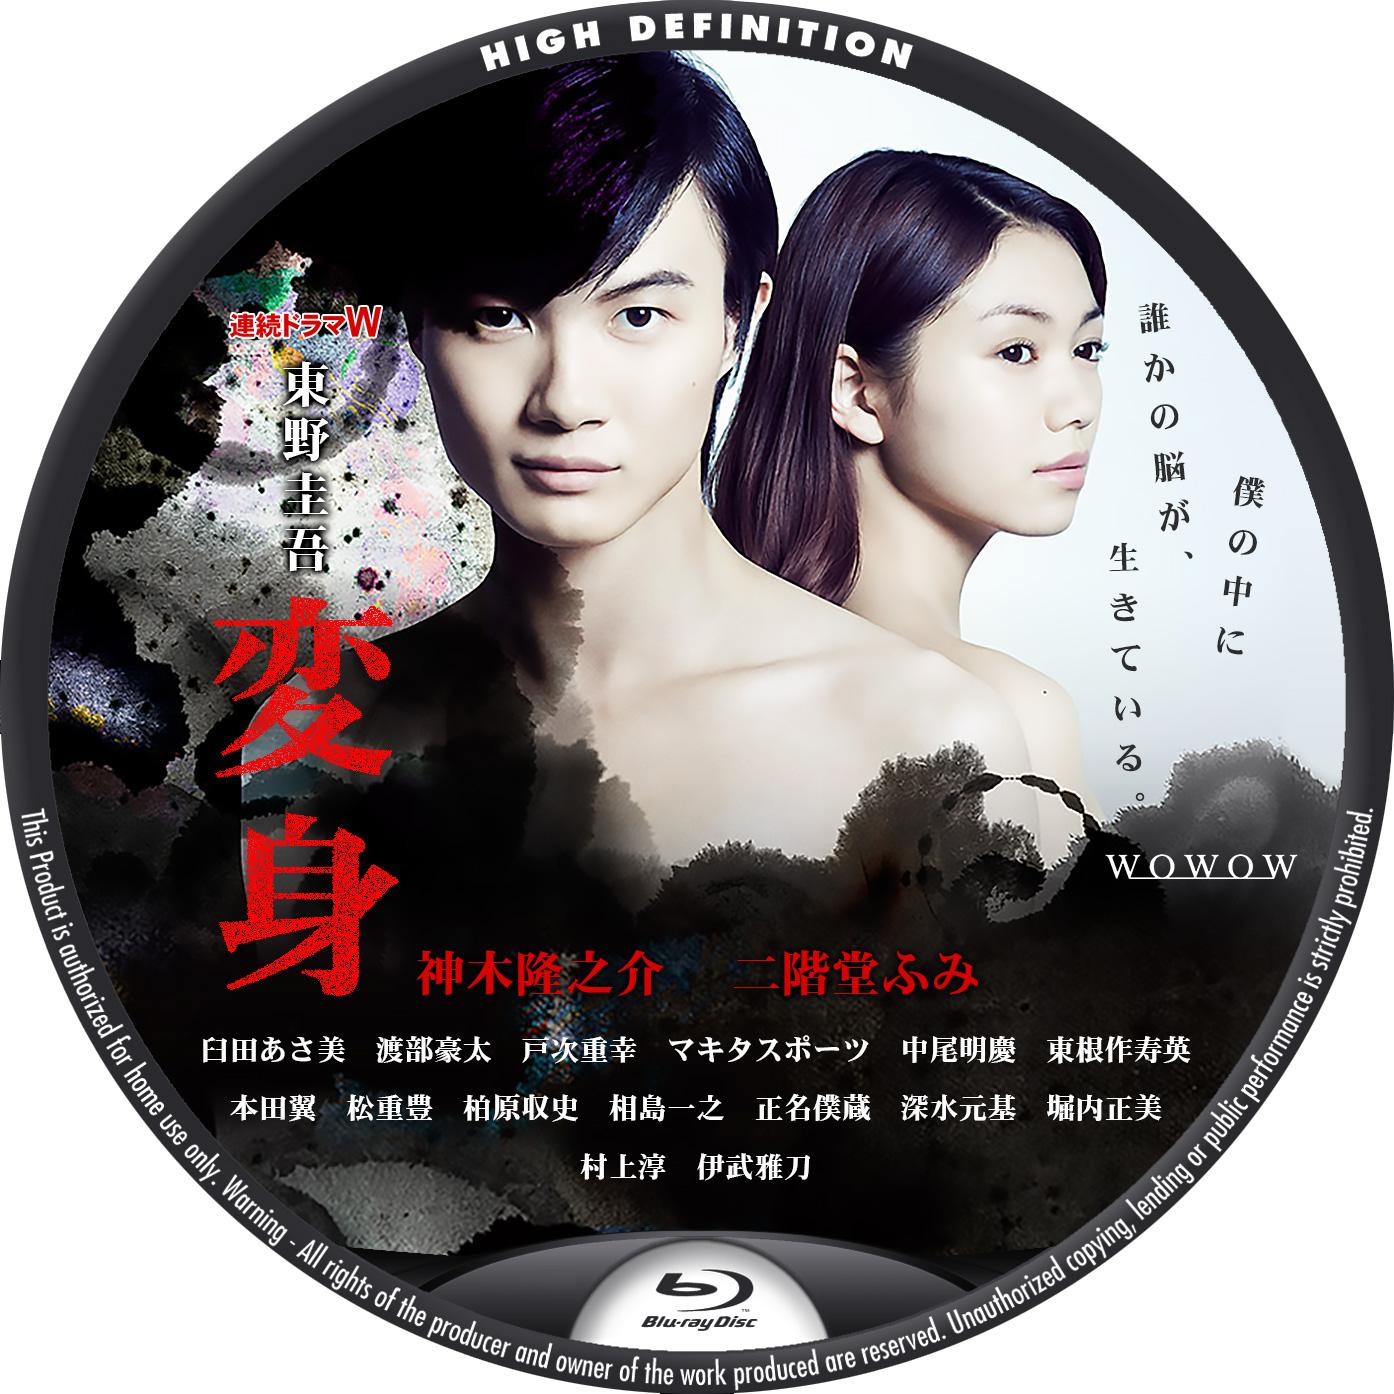 東野圭吾 変身 Blu-ray BDラベル